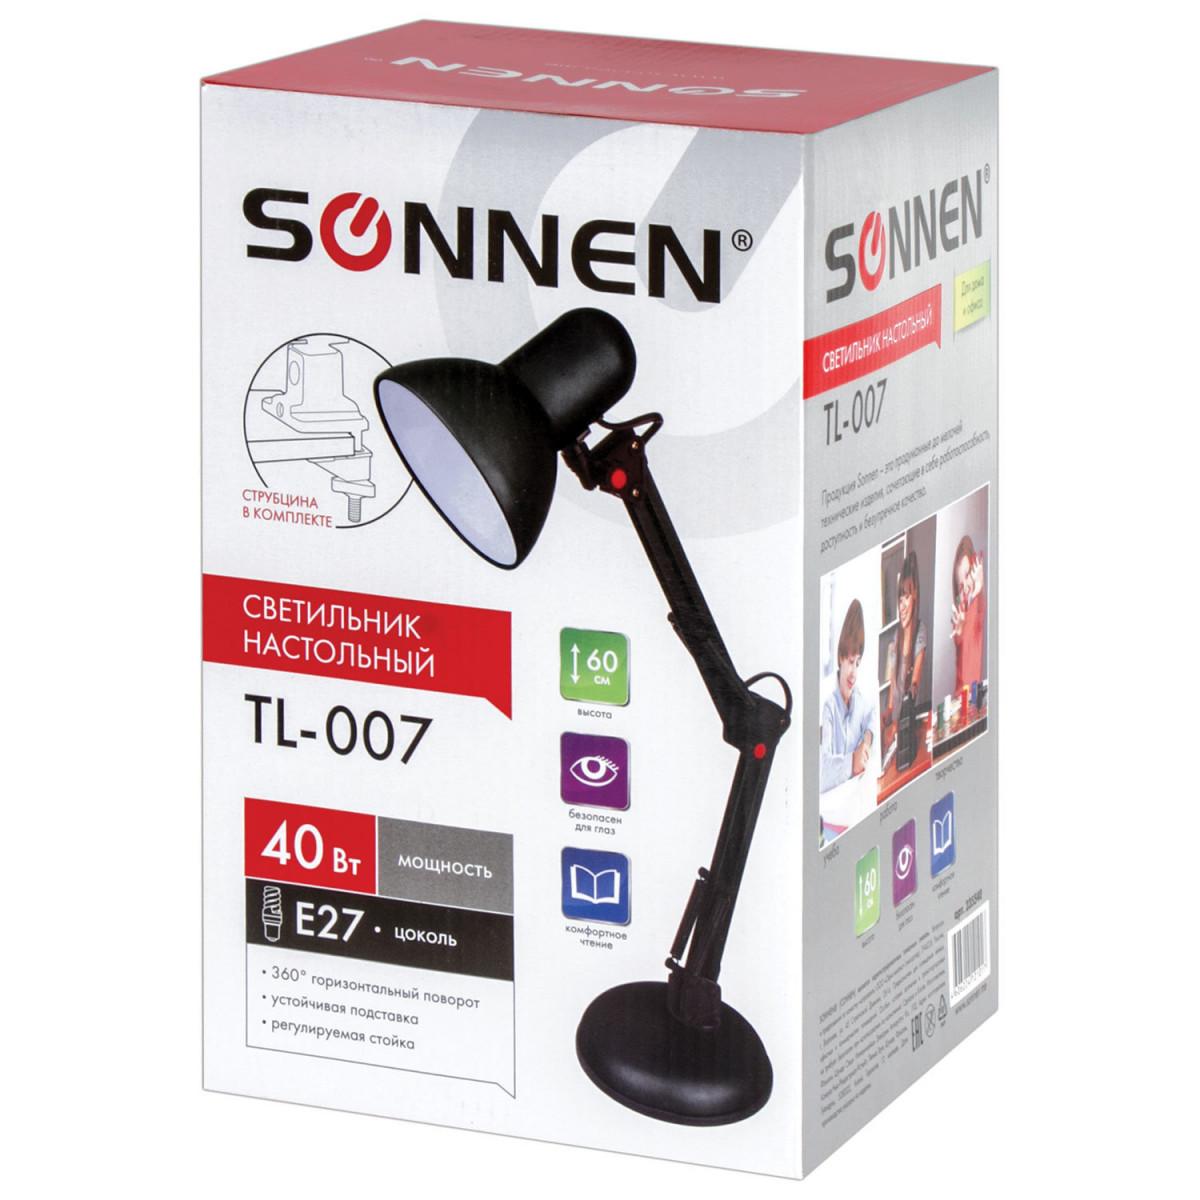 Светильник настольный SONNEN TL-007, на подставке + струбцина, 40 Вт, Е27, черный, высота 60 см, 235540 (арт. 235540)